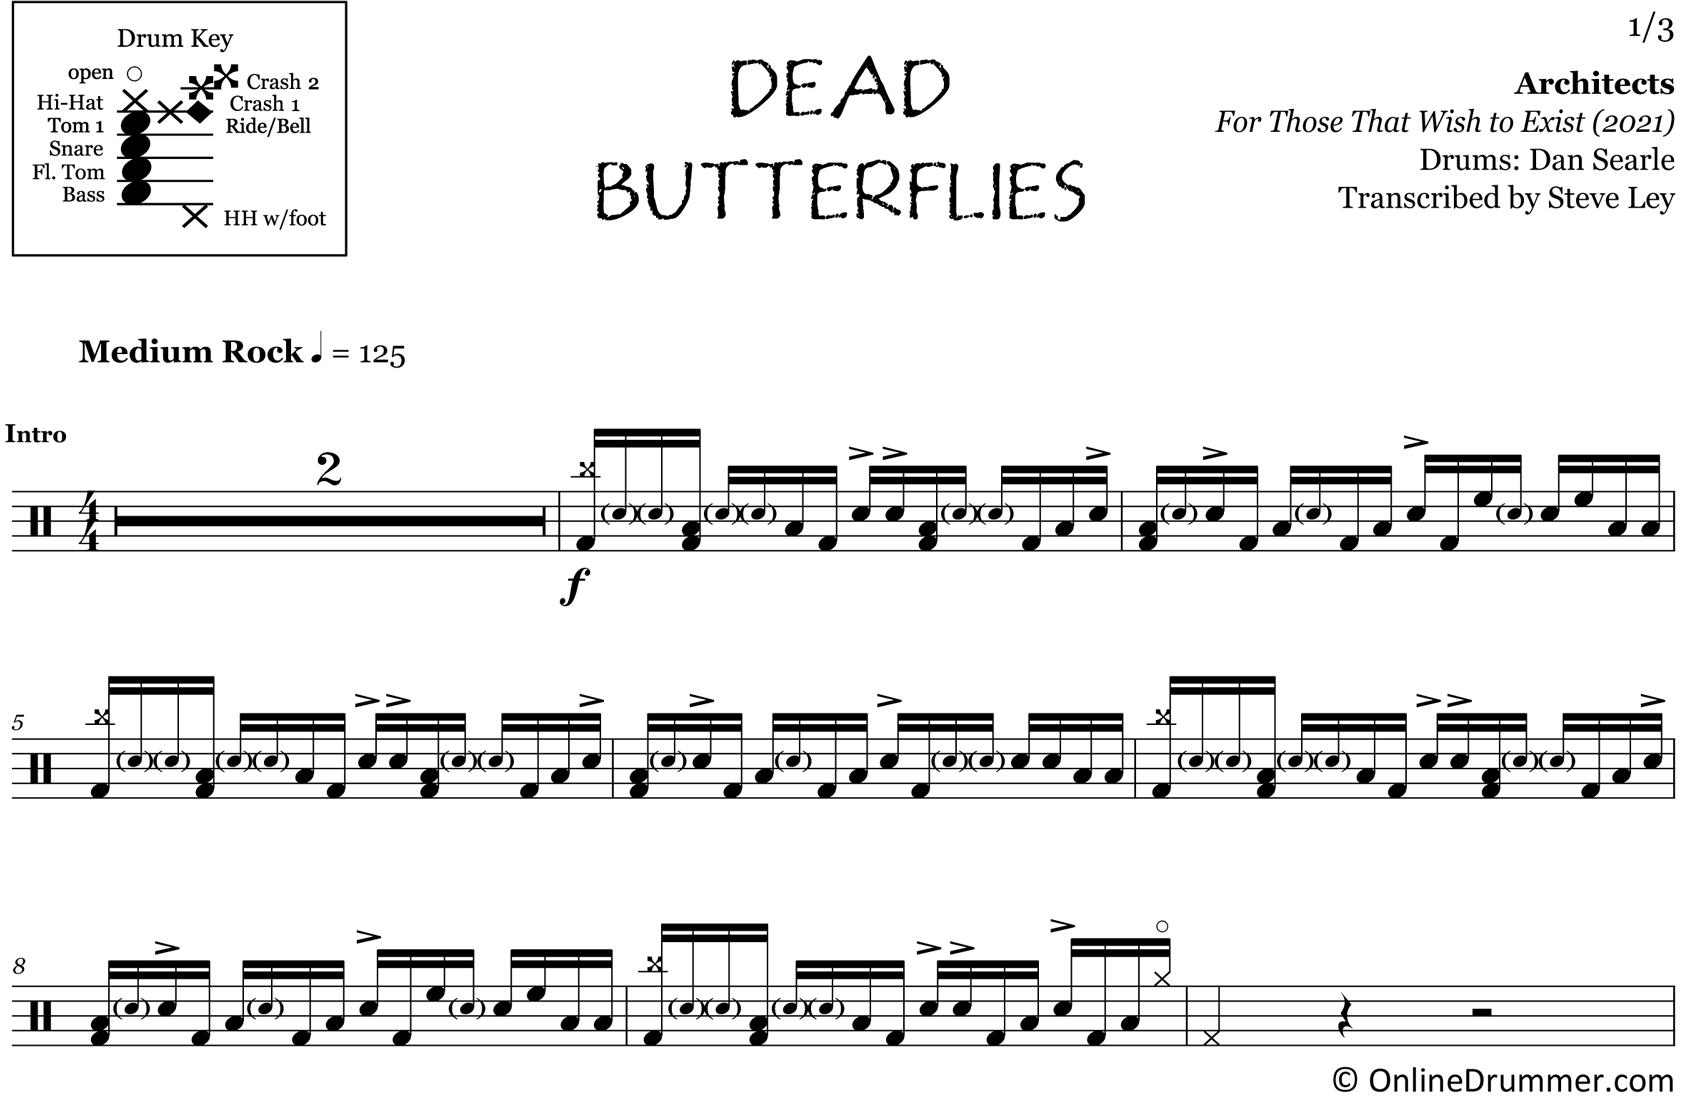 Dead Butterflies - Architects - Drum Sheet Music